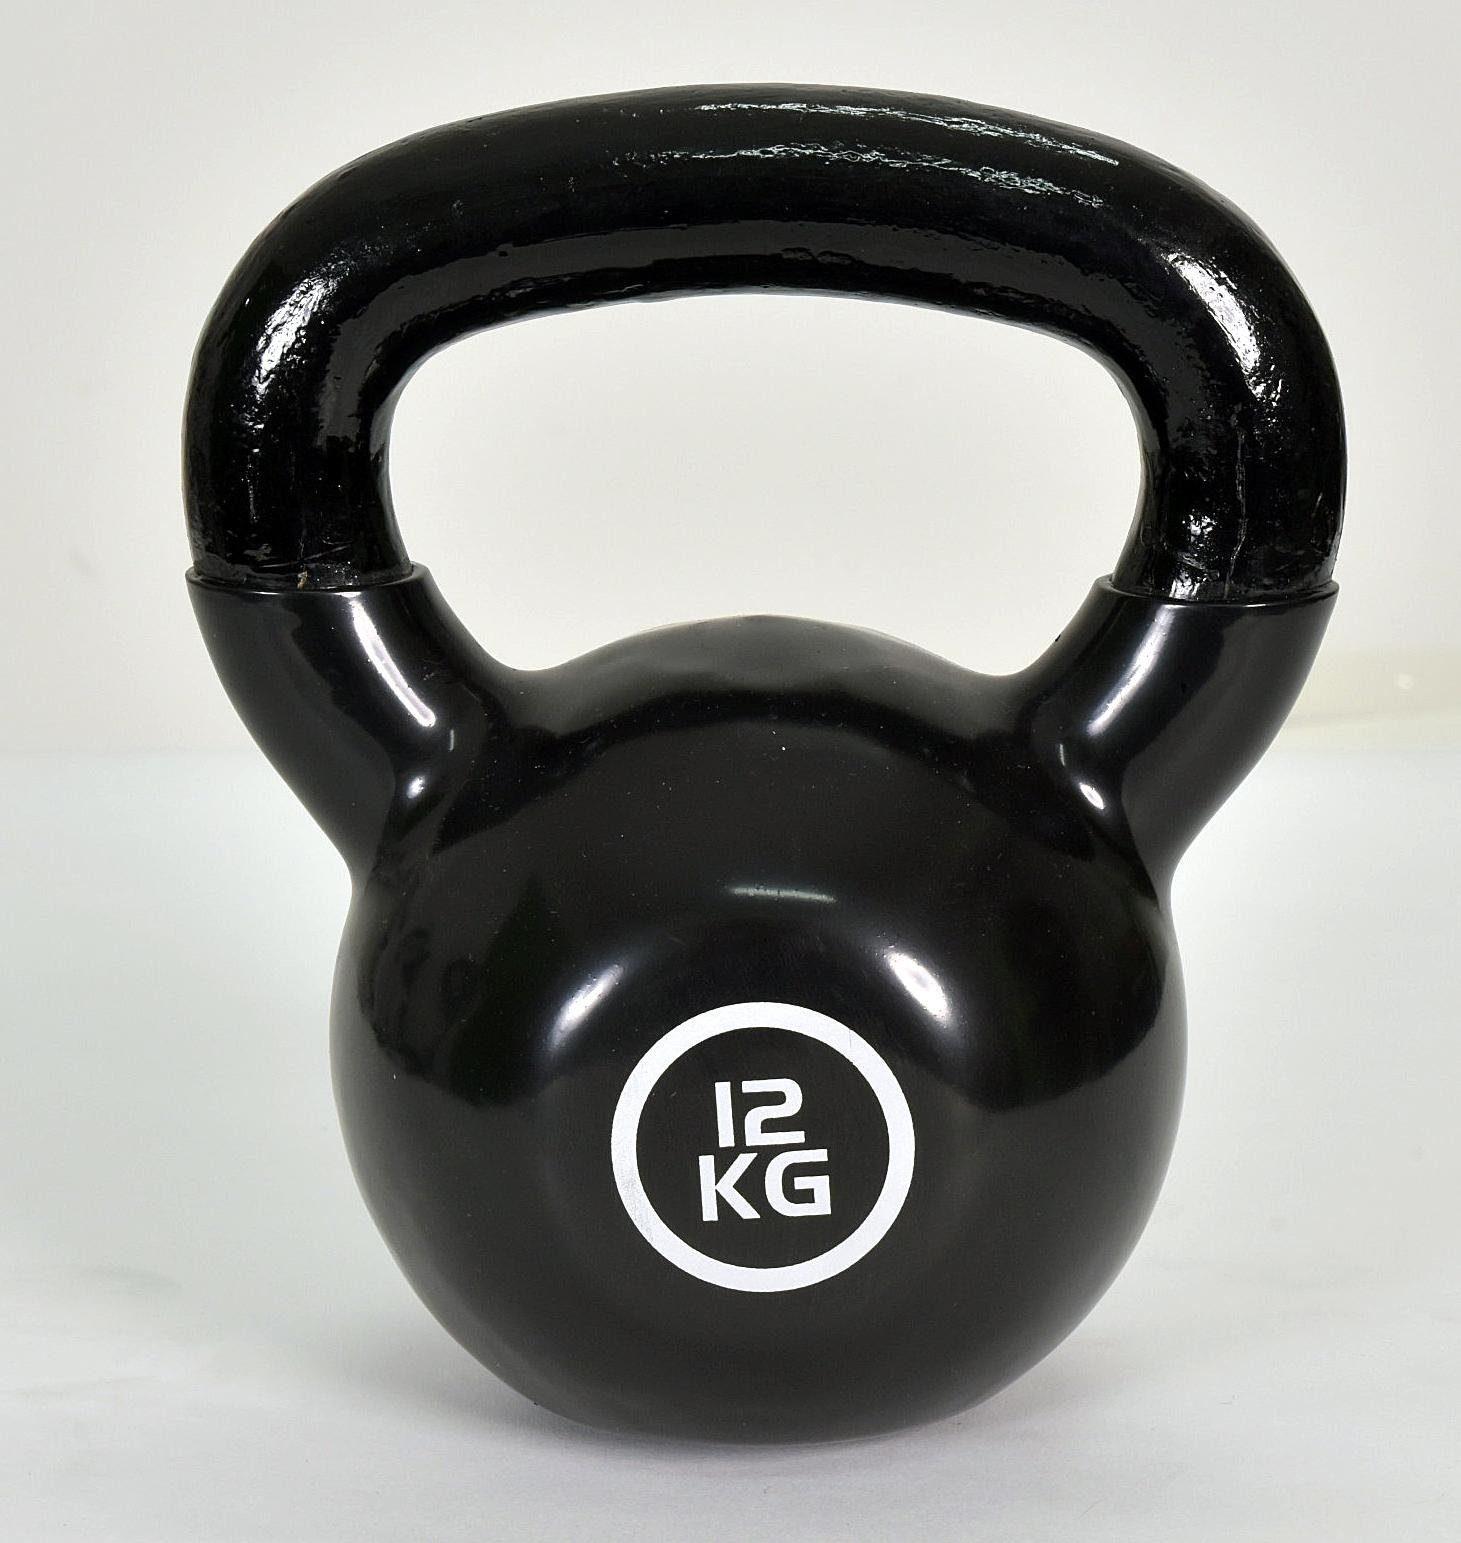 Christopeit Sport® Kettlebell »Kettlebell 12KG«, 12 kg